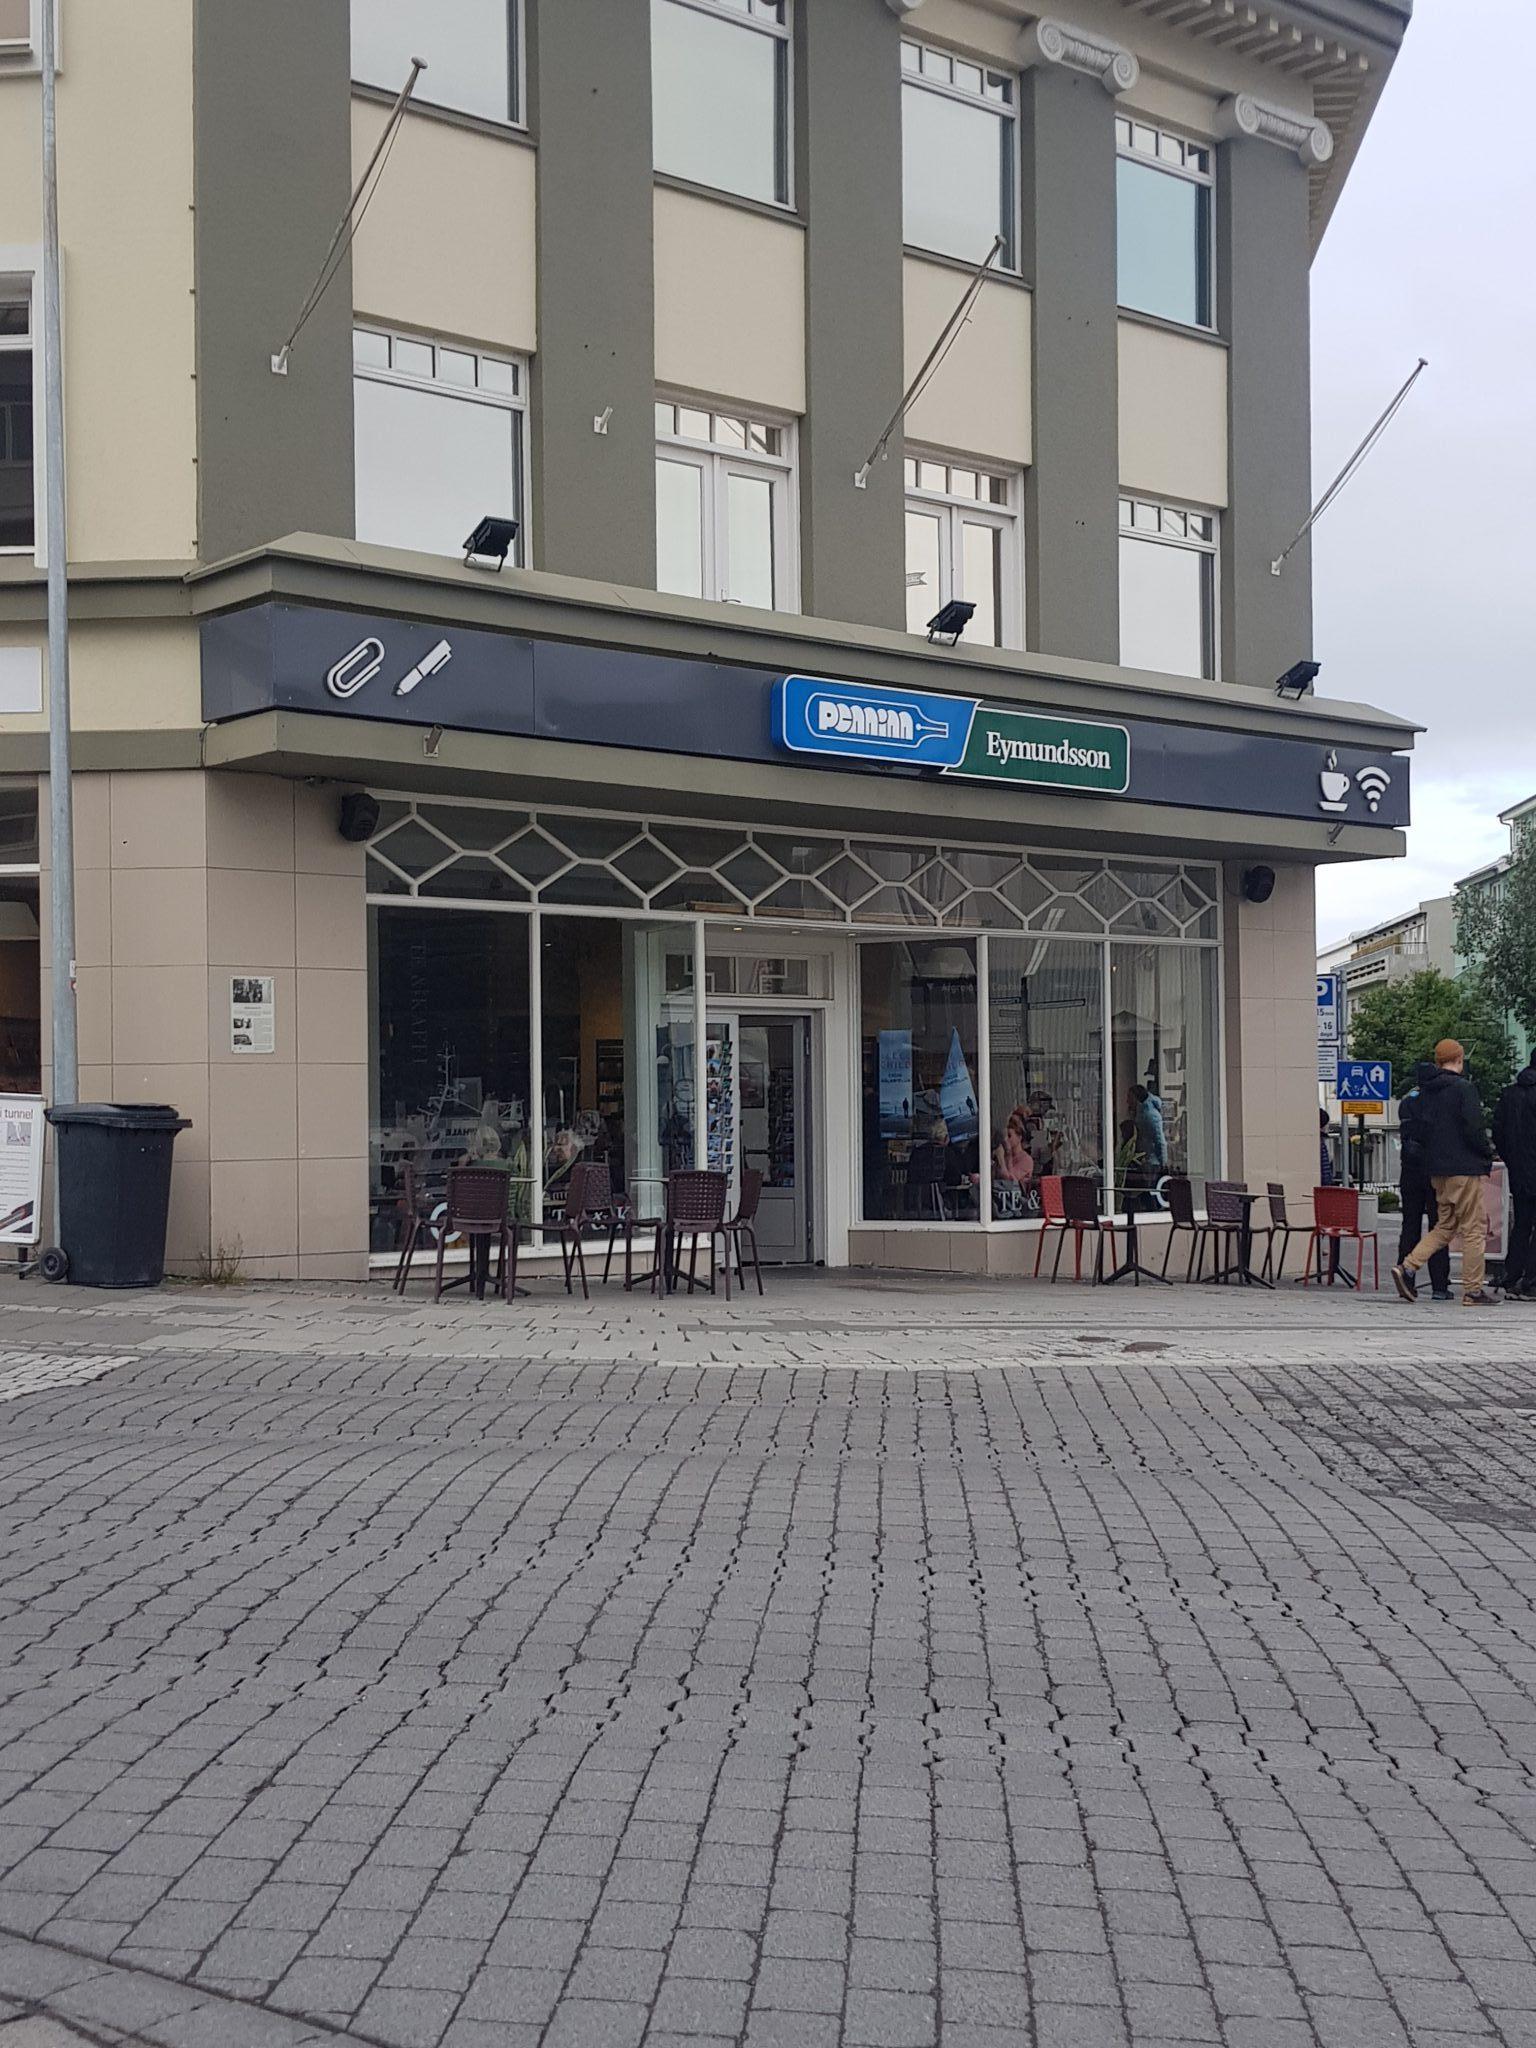 Te & Kaffi hættir í verslun Eymundsson á Akureyri